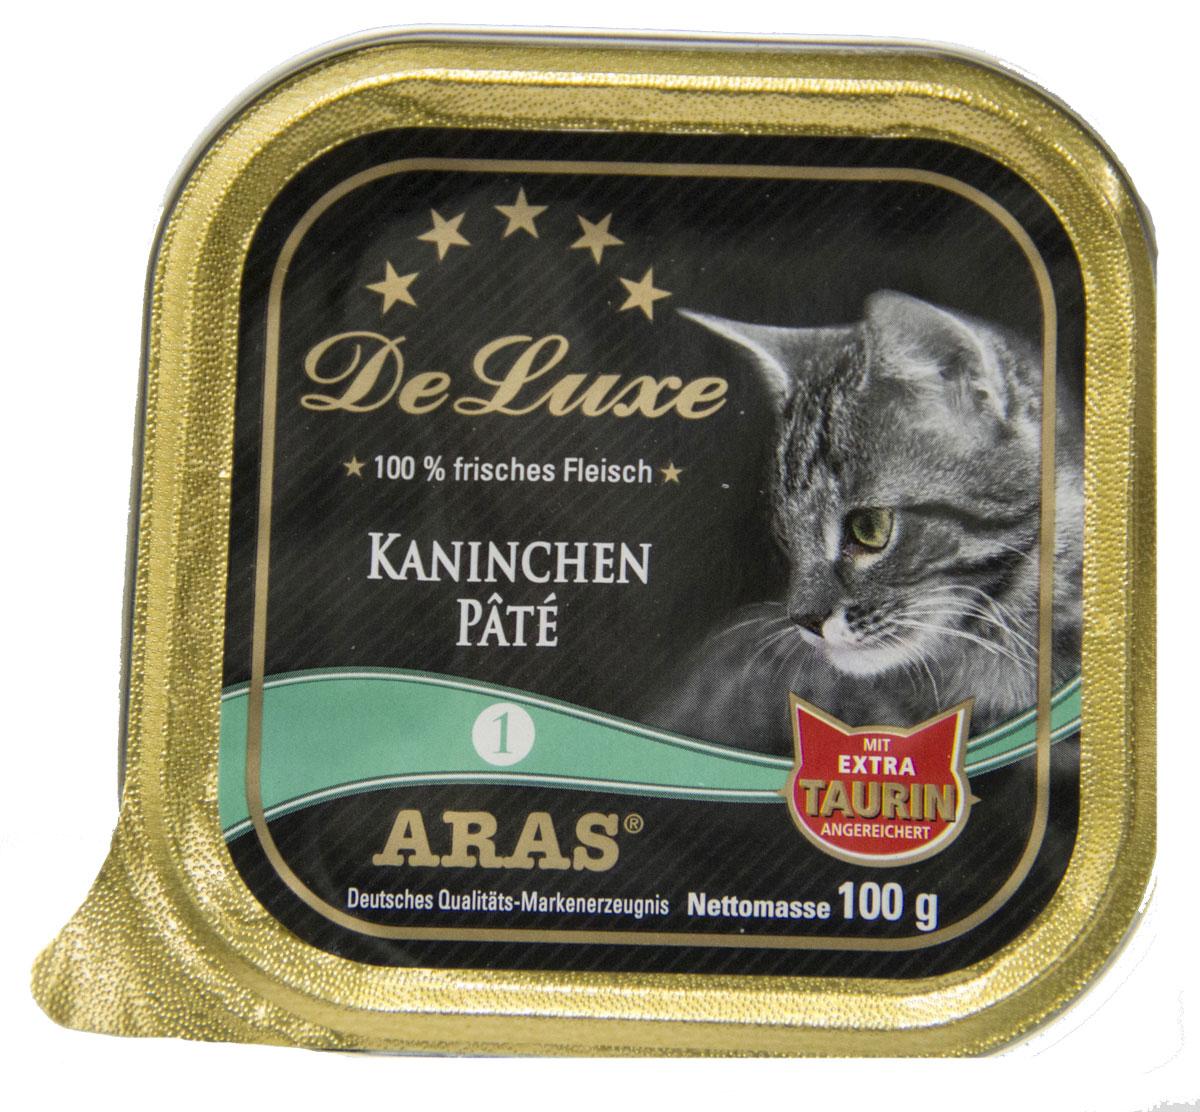 Консервы для кошек Aras Premium DeLuxe, паштет с кроликом, 100 г0120710Консервы для кошек Aras Premium DeLuxe - корм для самых привередливых кошек, сочетающий в себе высокое качество ингредиентов, жизненно важные питательные вещества, а также превосходный вкус. Корм произведен в Германии по специальной технологии, схожей с технологией Sous Vide, из продуктов, пригодных в пищу человека. При изготовлении сохраняются все натуральные витамины и минералы. Это достигается благодаря бережной обработке всех ингредиентов при температуре менее 80°С. Такая бережная обработка продуктов не стерилизует продуктовые компоненты. Благодаря этому корма не нуждаются ни в каких дополнительных вкусовых добавках и сохраняют все необходимые полезные вещества. Особенности корма Aras Premium DeLuxe: - изготовлен из 100% свежего мяса; - без химических красителей, усилителей вкуса, искусственных консервантов и химических добавок; - из 100% свежих ингредиентов: мясо, овощи и зерновые; - сохранение натуральных витаминов в процессе изготовления; - гарантия свежести; - с дополнительной порцией таурина. Состав: свежее мясо кролика 98%, минералы 2%, таурин 150 мг/кг. Пищевая ценность: белки 10,2%, жиры 5,3%, зола 2,4%, клетчатка 0,3%, влажность 79,9%.Товар сертифицирован.